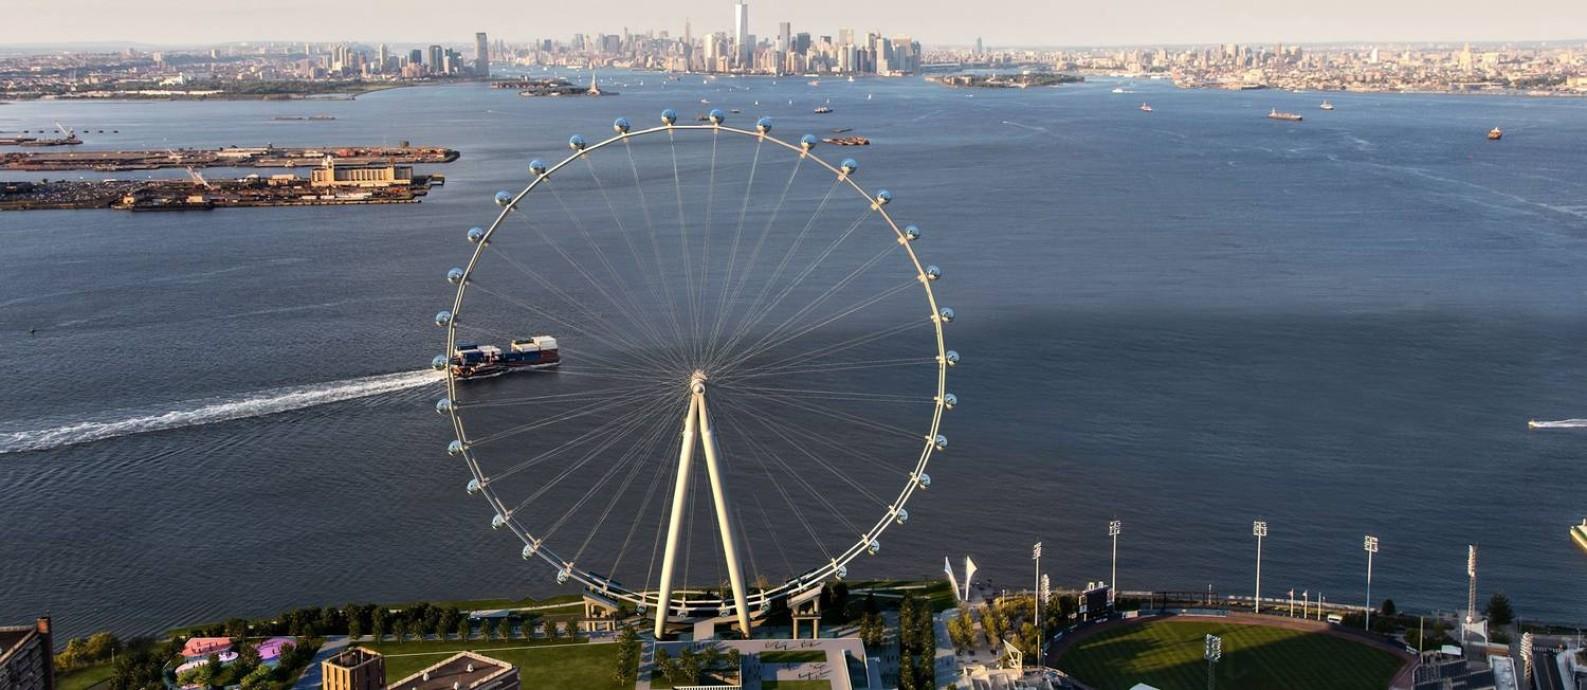 Roda-gigante. Atração, que será aberta em 2018, terá 190 metros de altura Foto: Projeção/S9 Architecture/Perkins Eastman